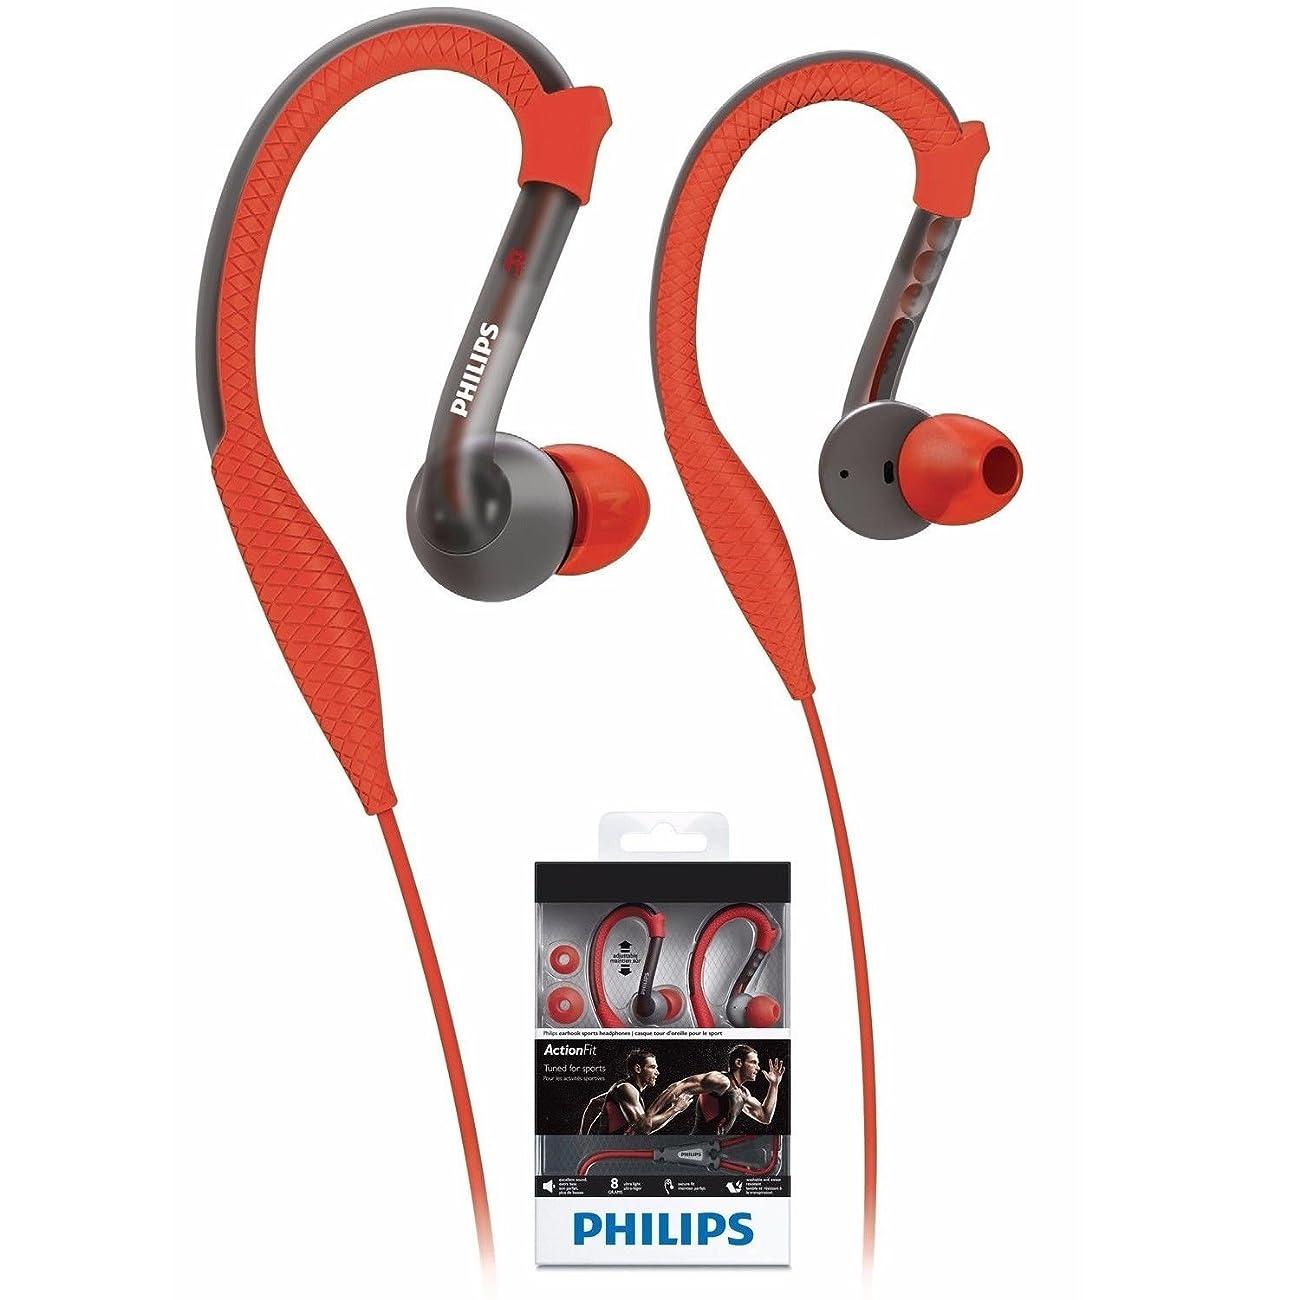 脆い収束する知覚Philips SHQ3200 ActionFit スポーツイヤーフック型ヘッドフォン SHQ3200 オレンジ&グレー [並行輸入品]